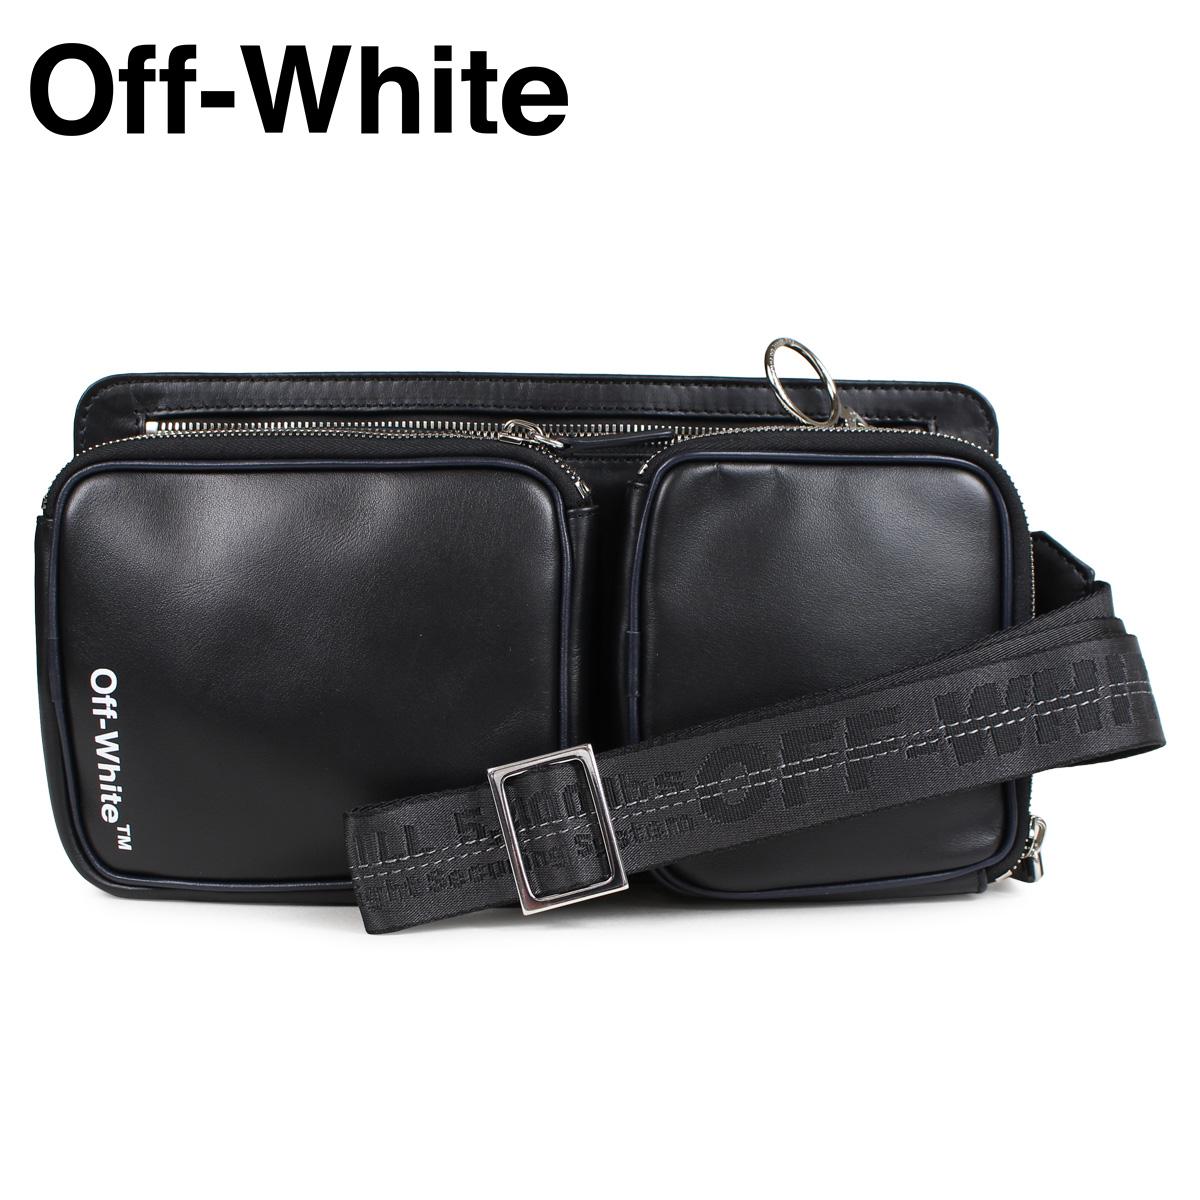 オフホワイト Off-white ショルダーバッグ ヒップバッグ メンズ レディース HIP BAG ブラック OMNA048 1001